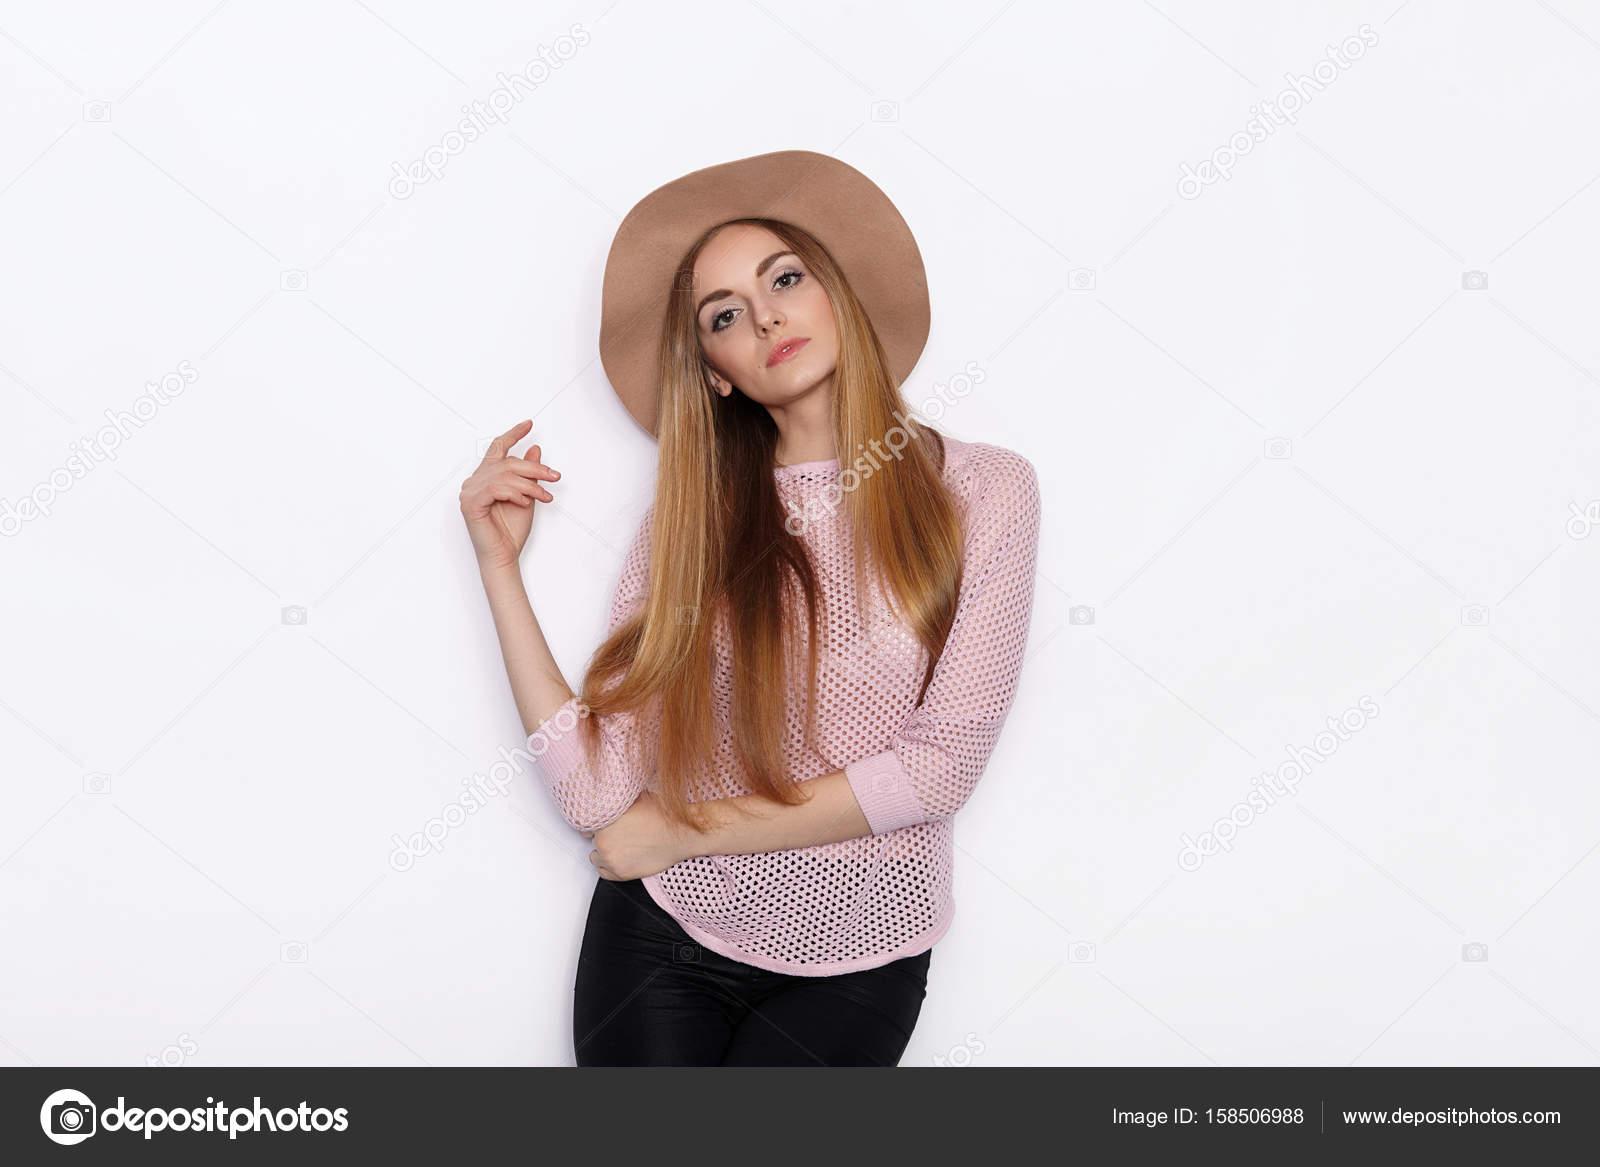 87b7cb19102 Mignonne et élégante belle jeune blonde femme en vêtements à la mode  pratique modèle poses et à la recherche de suite avec sourire en se tenant  debout sur ...